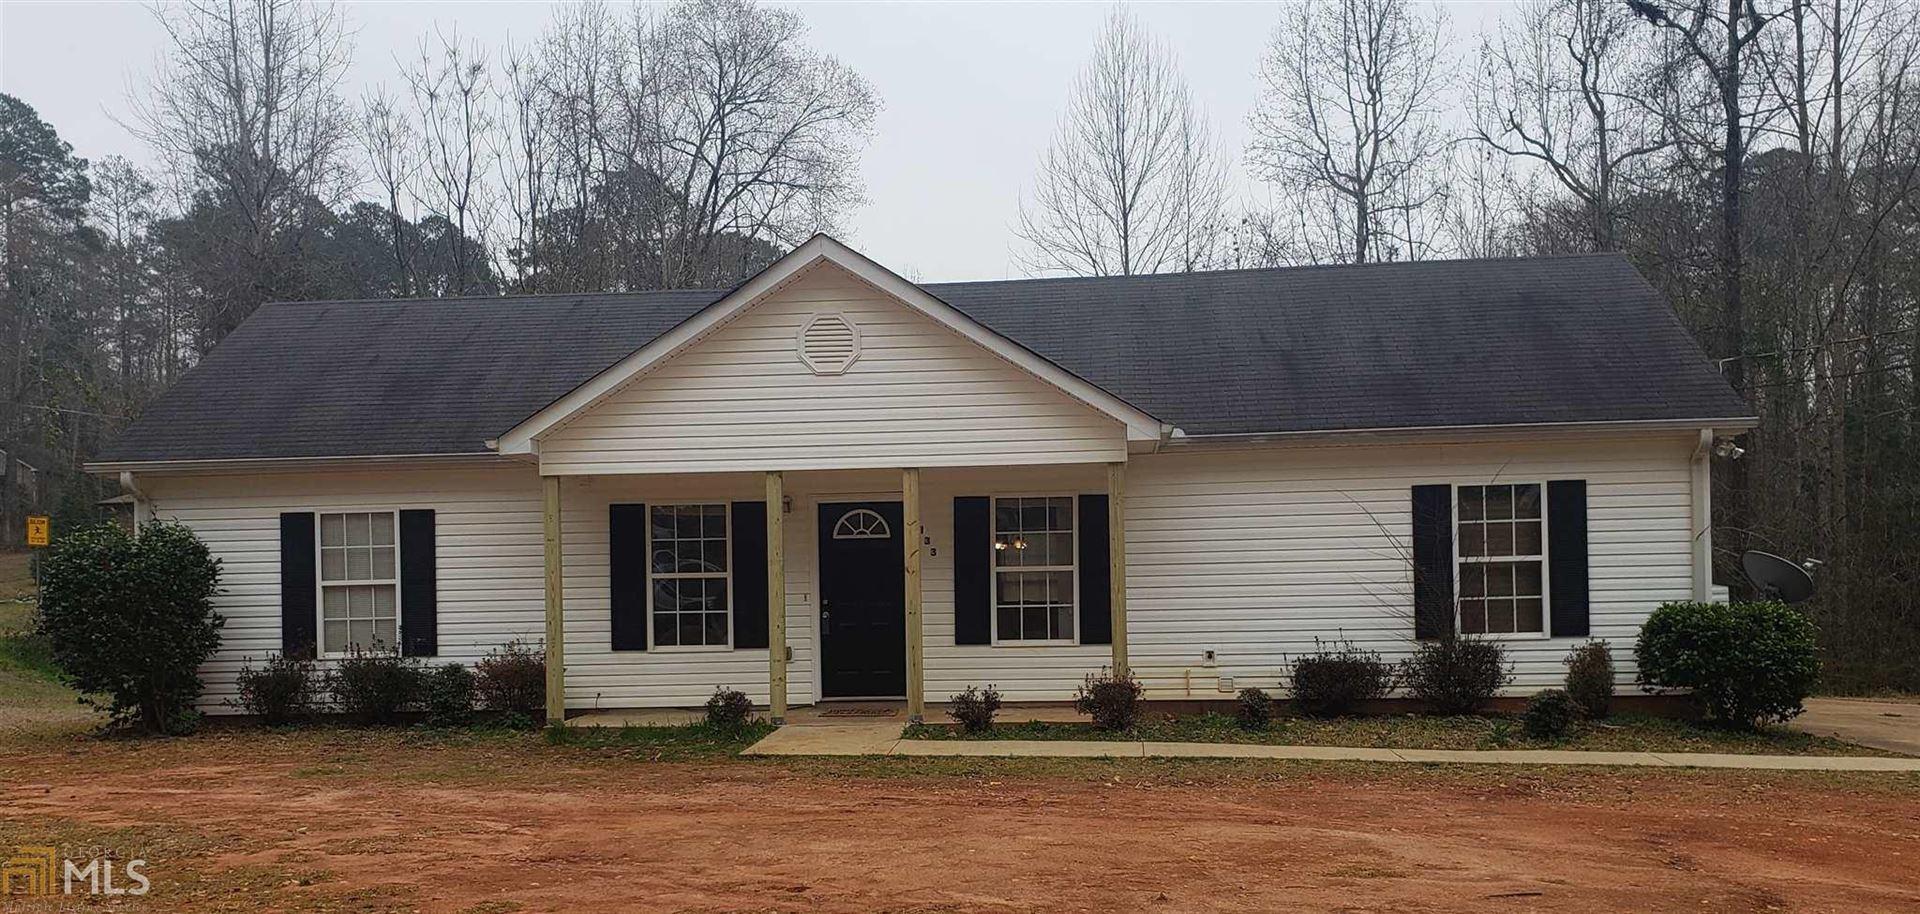 133 Honeysuckle Rd, Monticello, GA 31064 - MLS#: 8934960